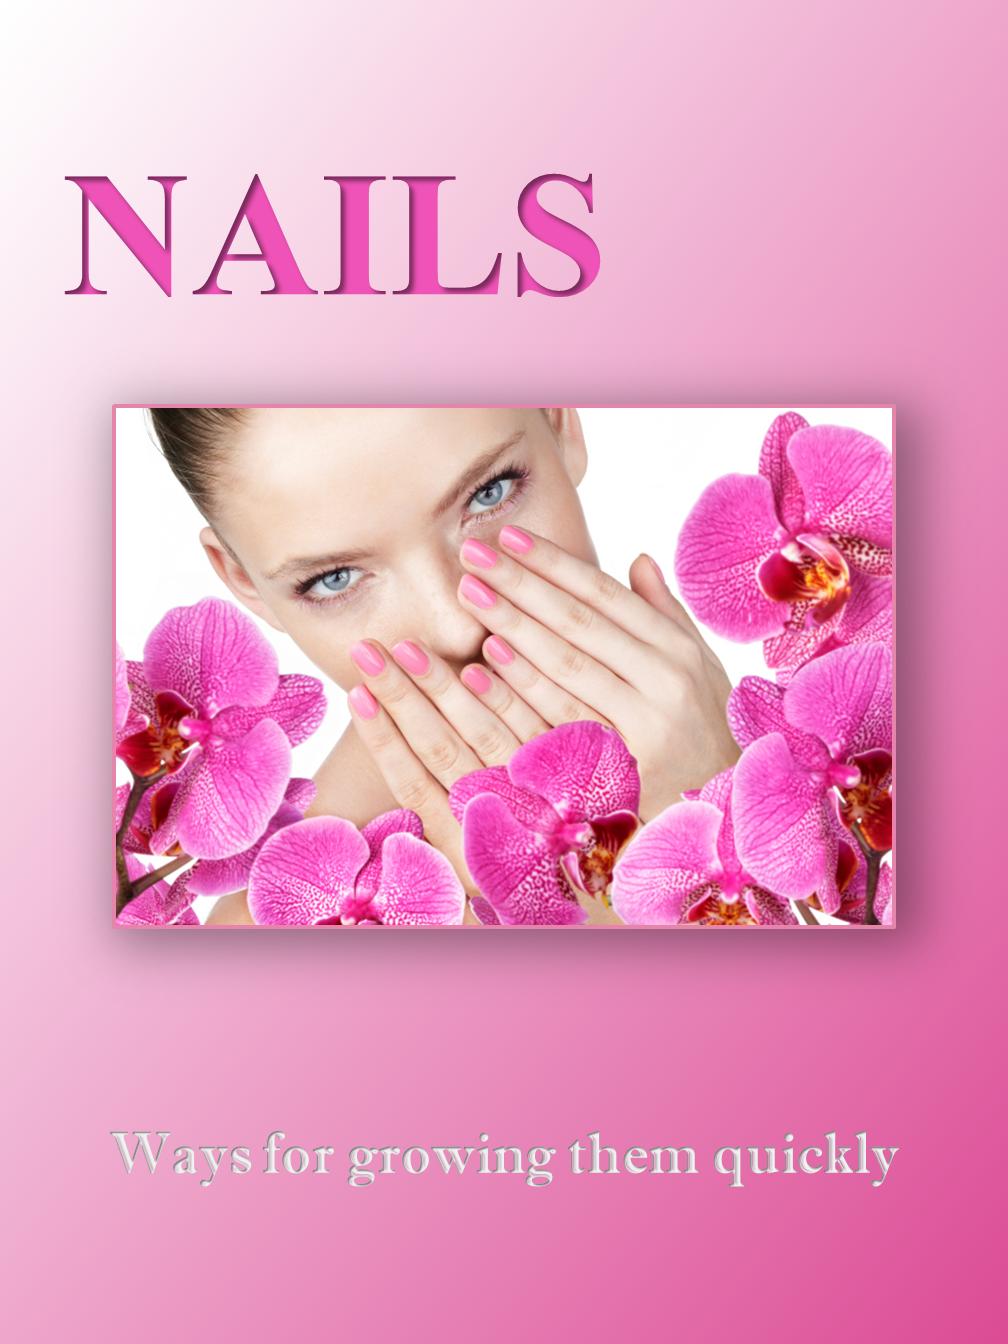 Nails/Grooming